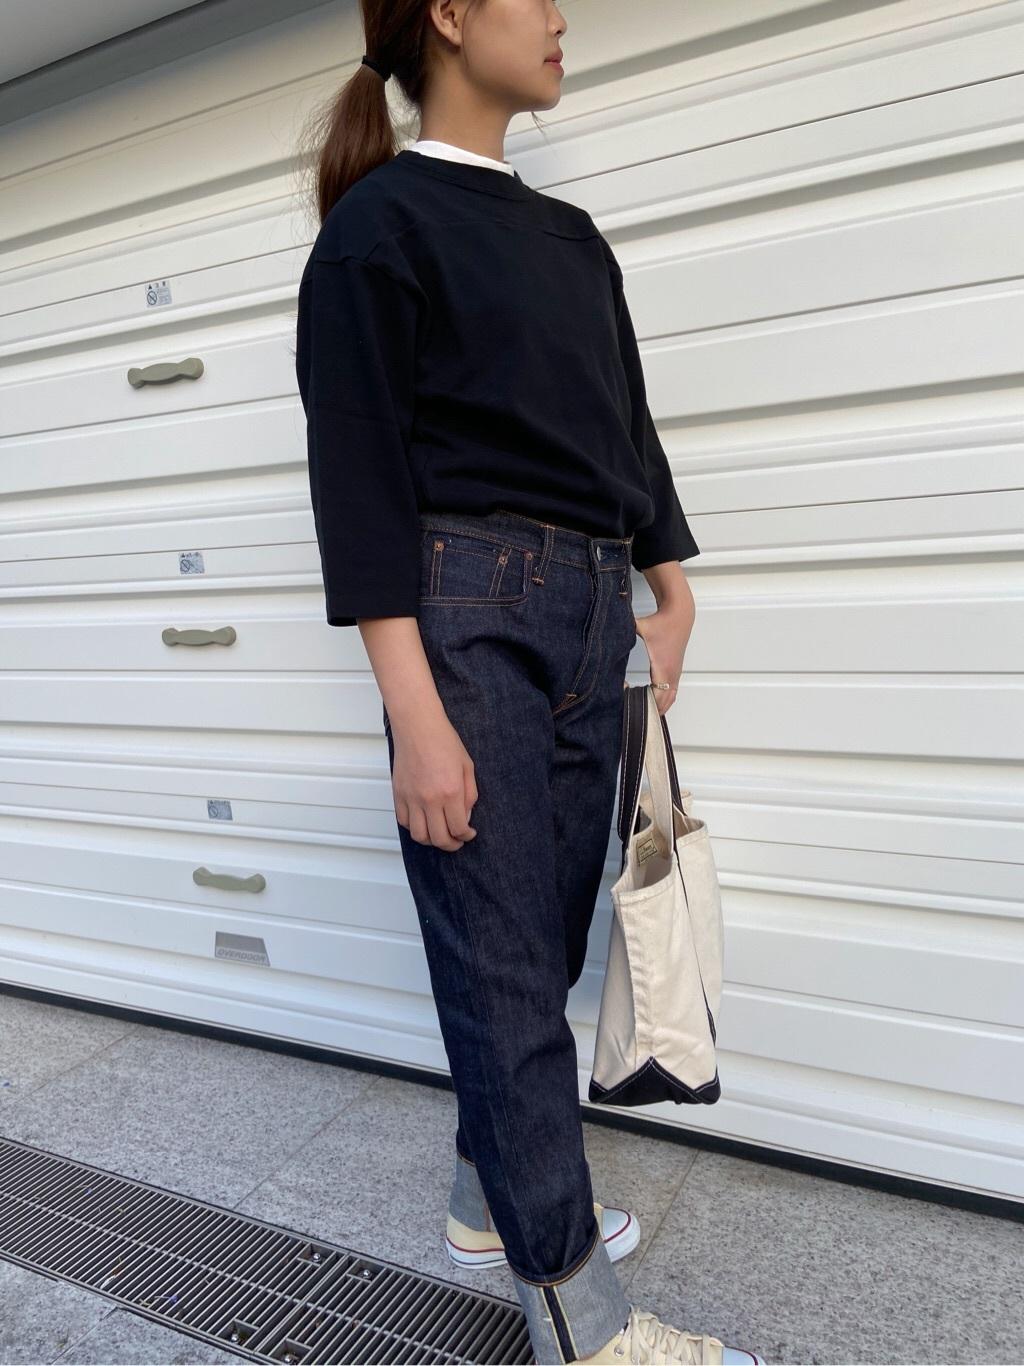 TOKYO HARAJUKU店のFemale StaffさんのEDWINの【コンセプトショップ限定】POCKET TEEを使ったコーディネート